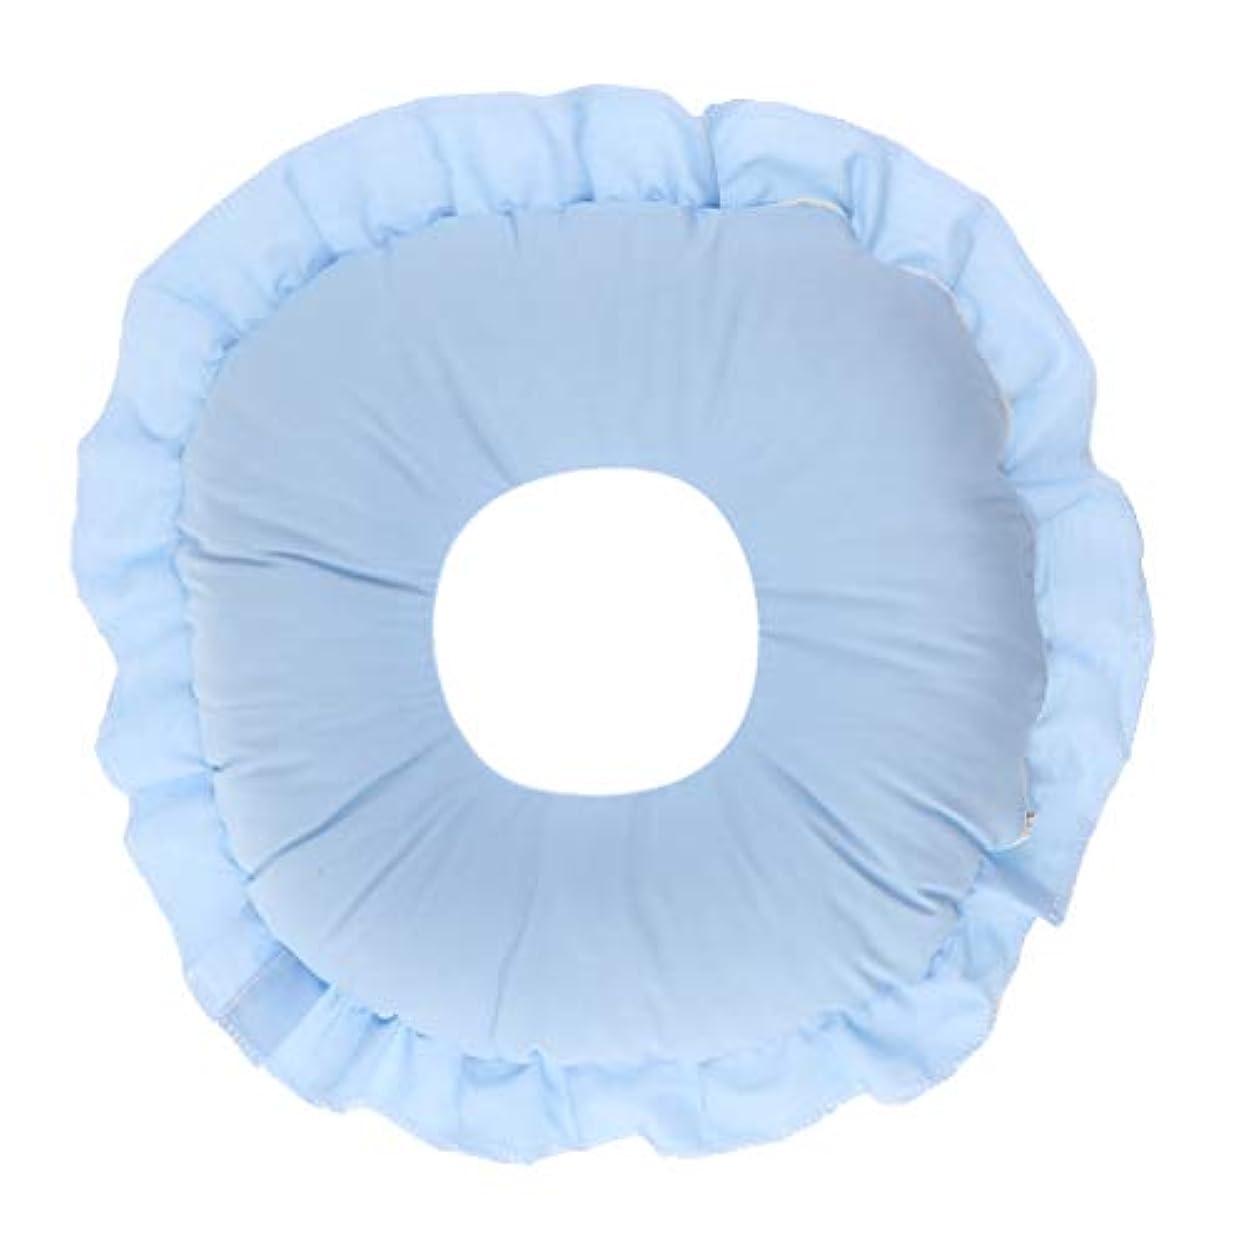 ソーダ水ハイブリッド動的フェイスピロー 顔枕 マッサージ枕 フェイスクッション ソフト 洗えるカバー 全3色 - 青